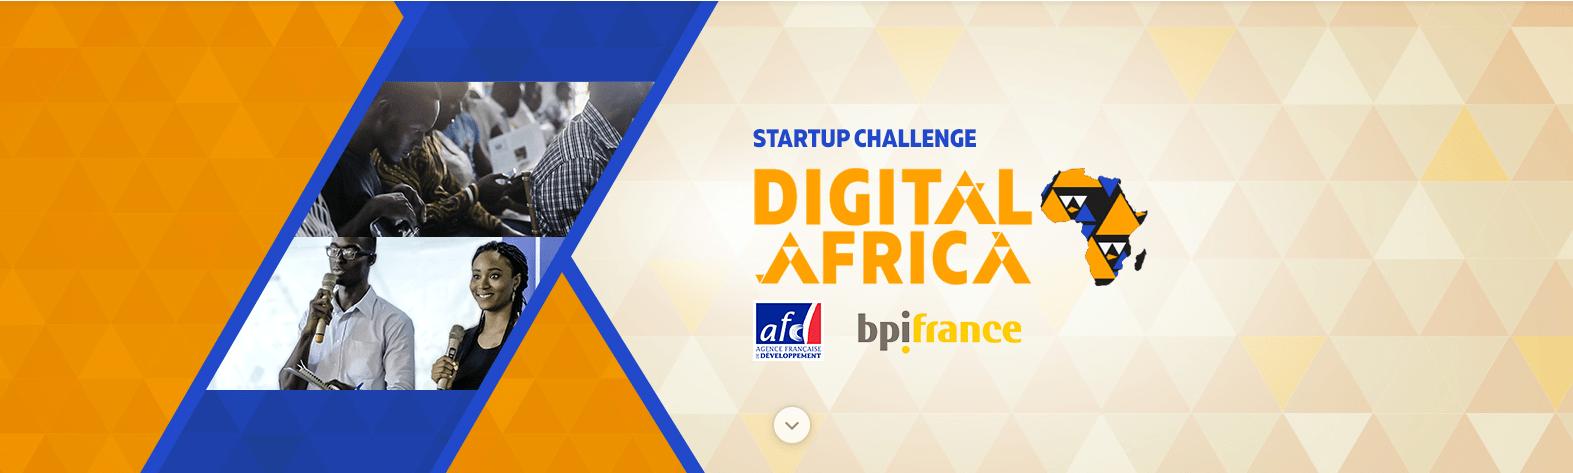 startup-challenge-2017